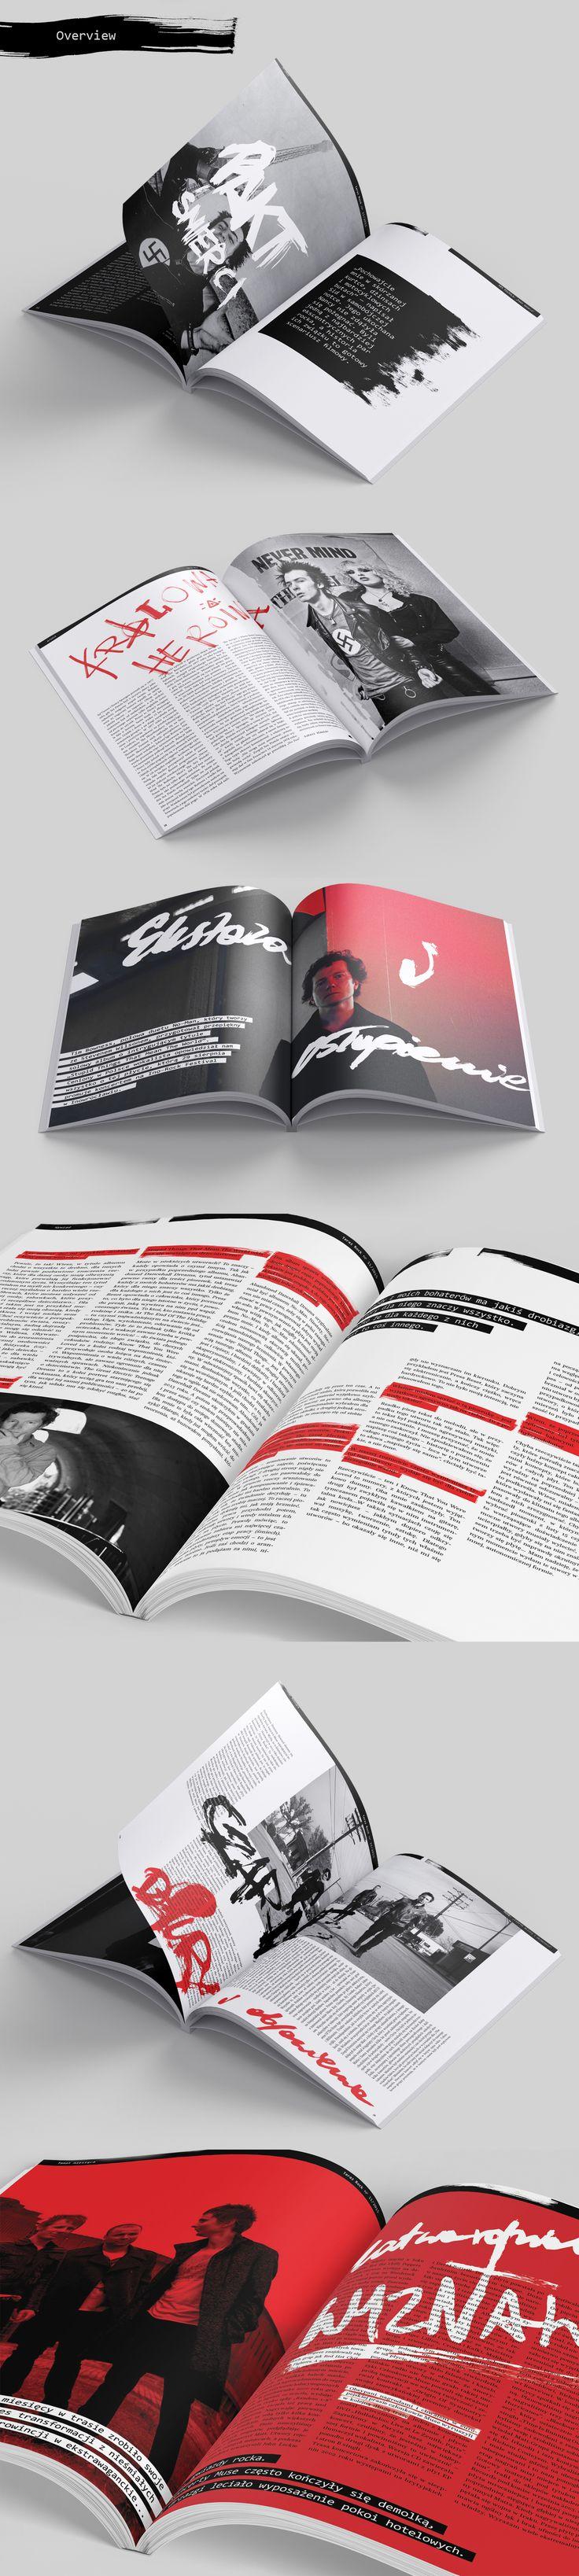 """Redesign kultowego muzycznego magazynu """"Teraz Rock"""" wykonany w ramach zajęć w Pracowni Grafiki Edytorskiej ASP Katowice. Projekt miał nawiązywać do estetyki projektowania lat 90-tych z kultowym magazynem """"Raygun"""" na czele."""